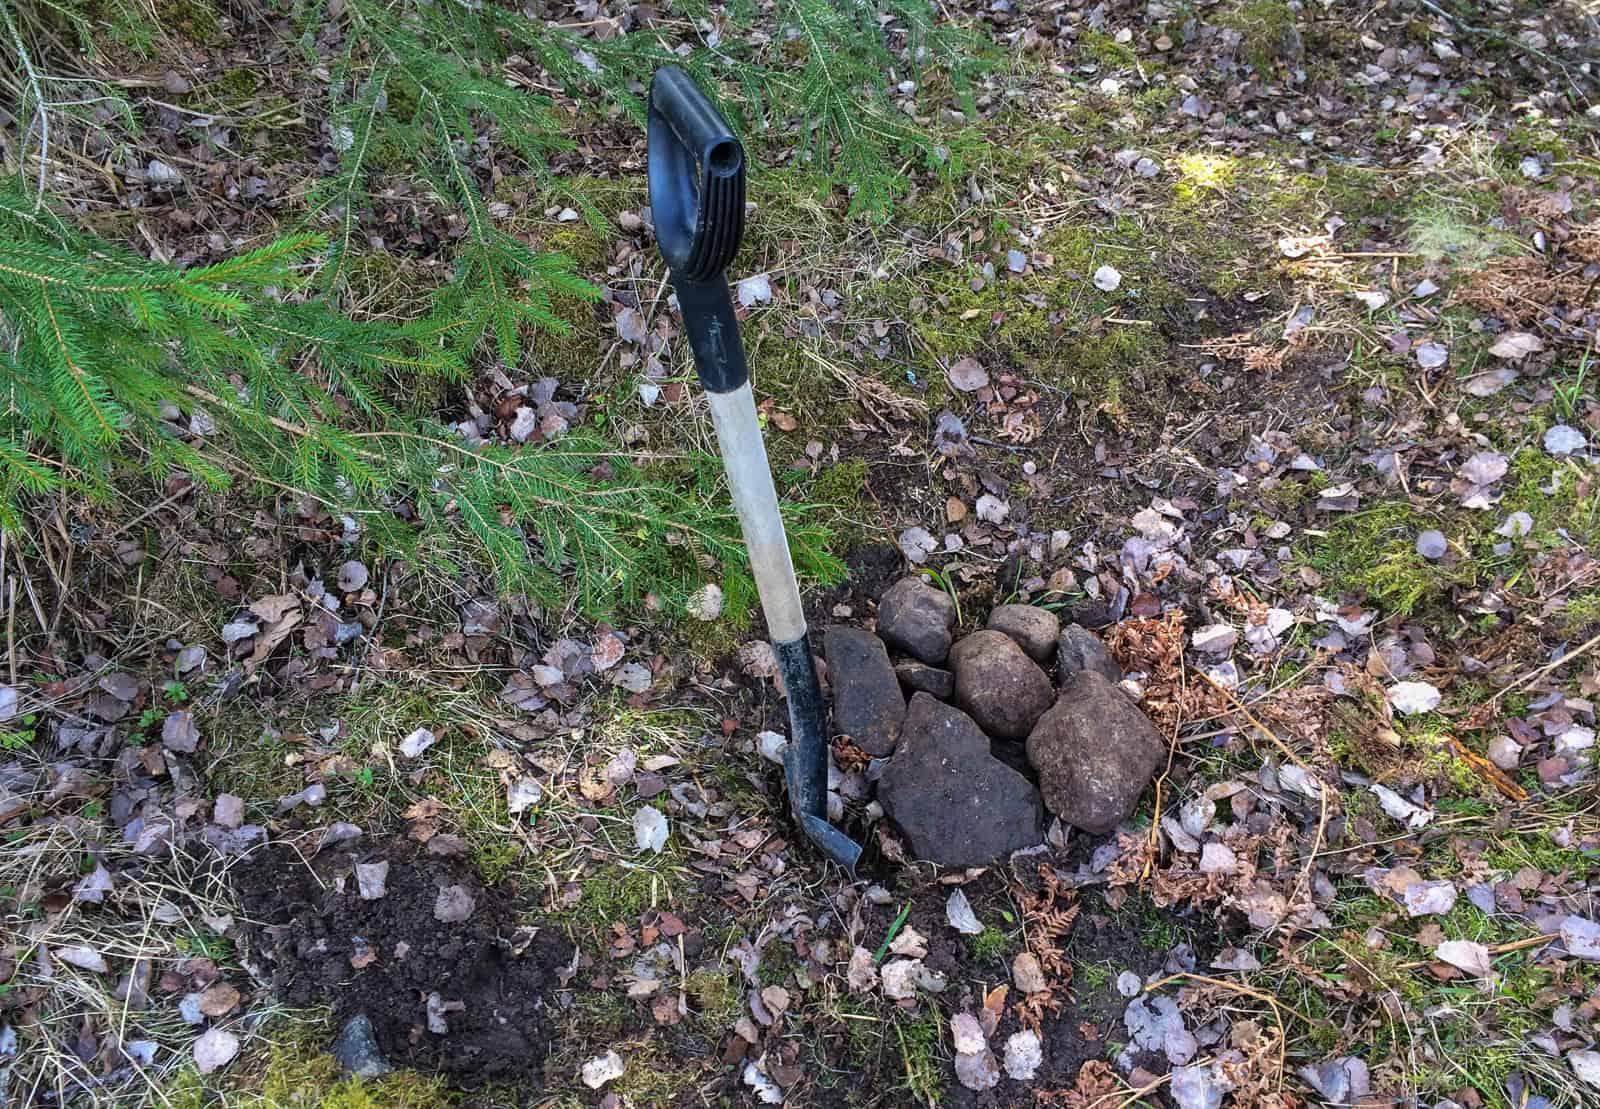 Så tuppkycklingarna får en grav ute i skogen. Vuxna tuppar äter man upp – men de här små stackarna får återgå till naturen.